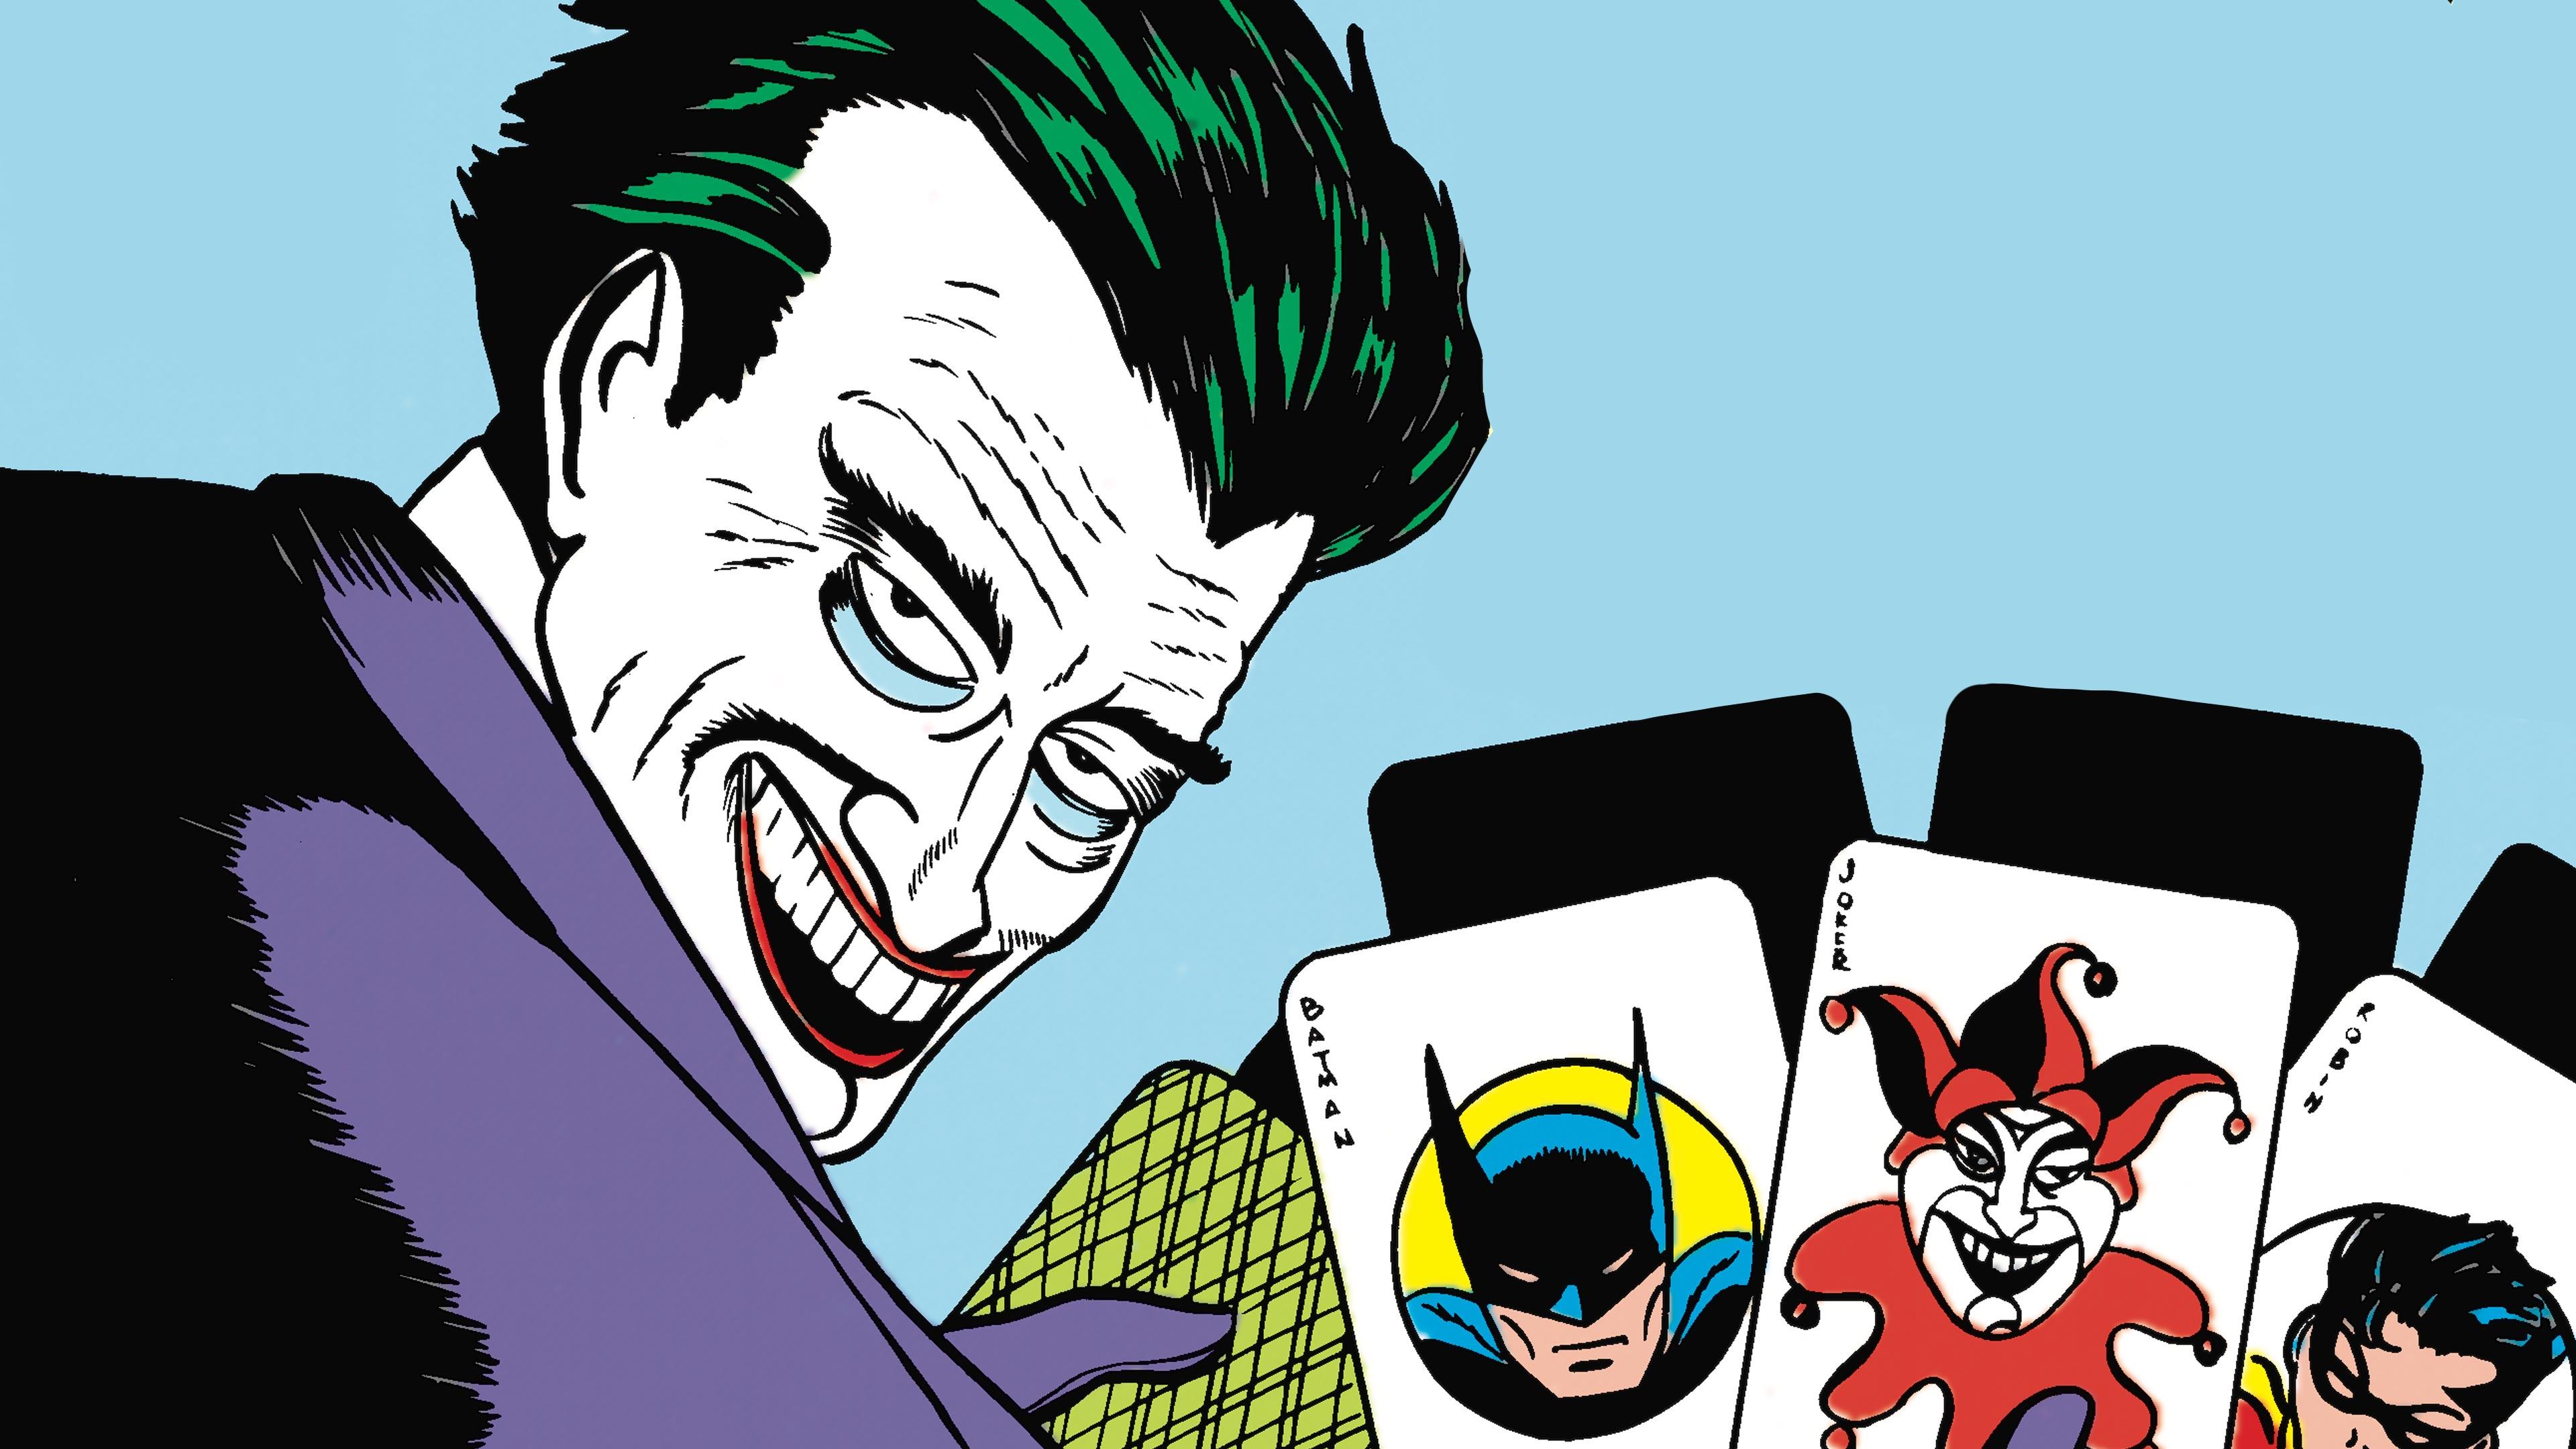 joker-0924-news-heroc-v1.jpg